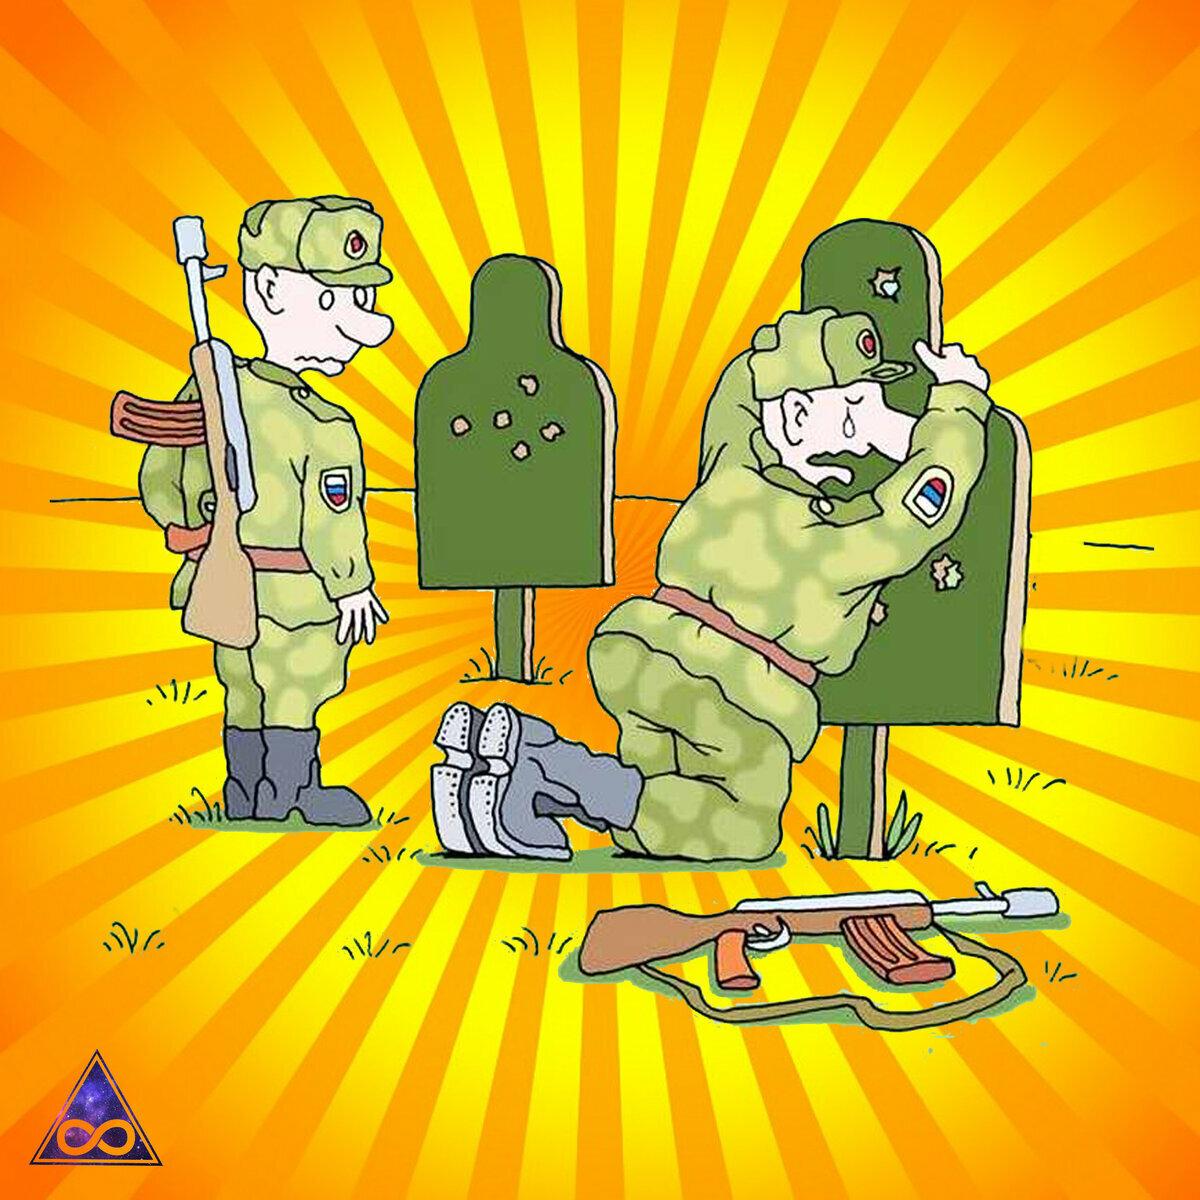 организациях анимационные картинки про армию веселые ночной съемке получается